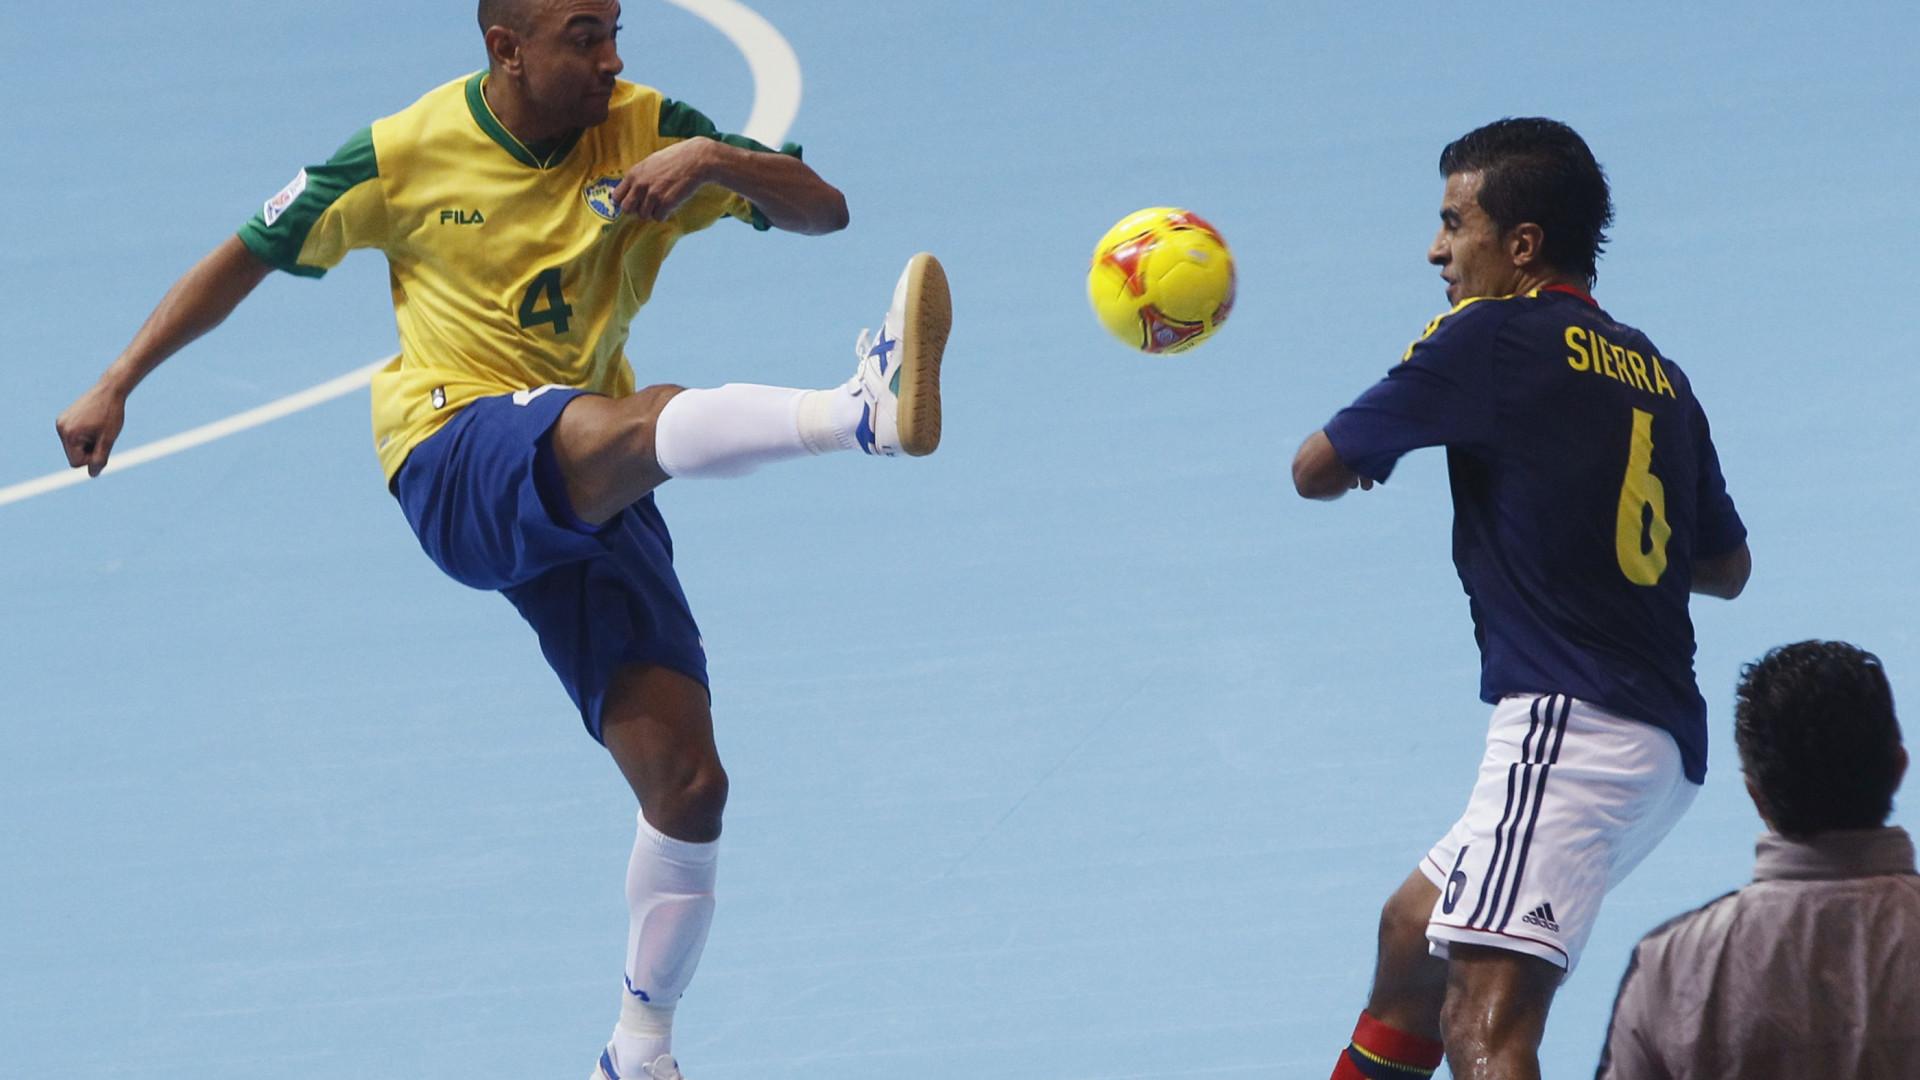 Seleção de futsal derrota Venezuela nas Eliminatórias da Copa cd0624dac08c2